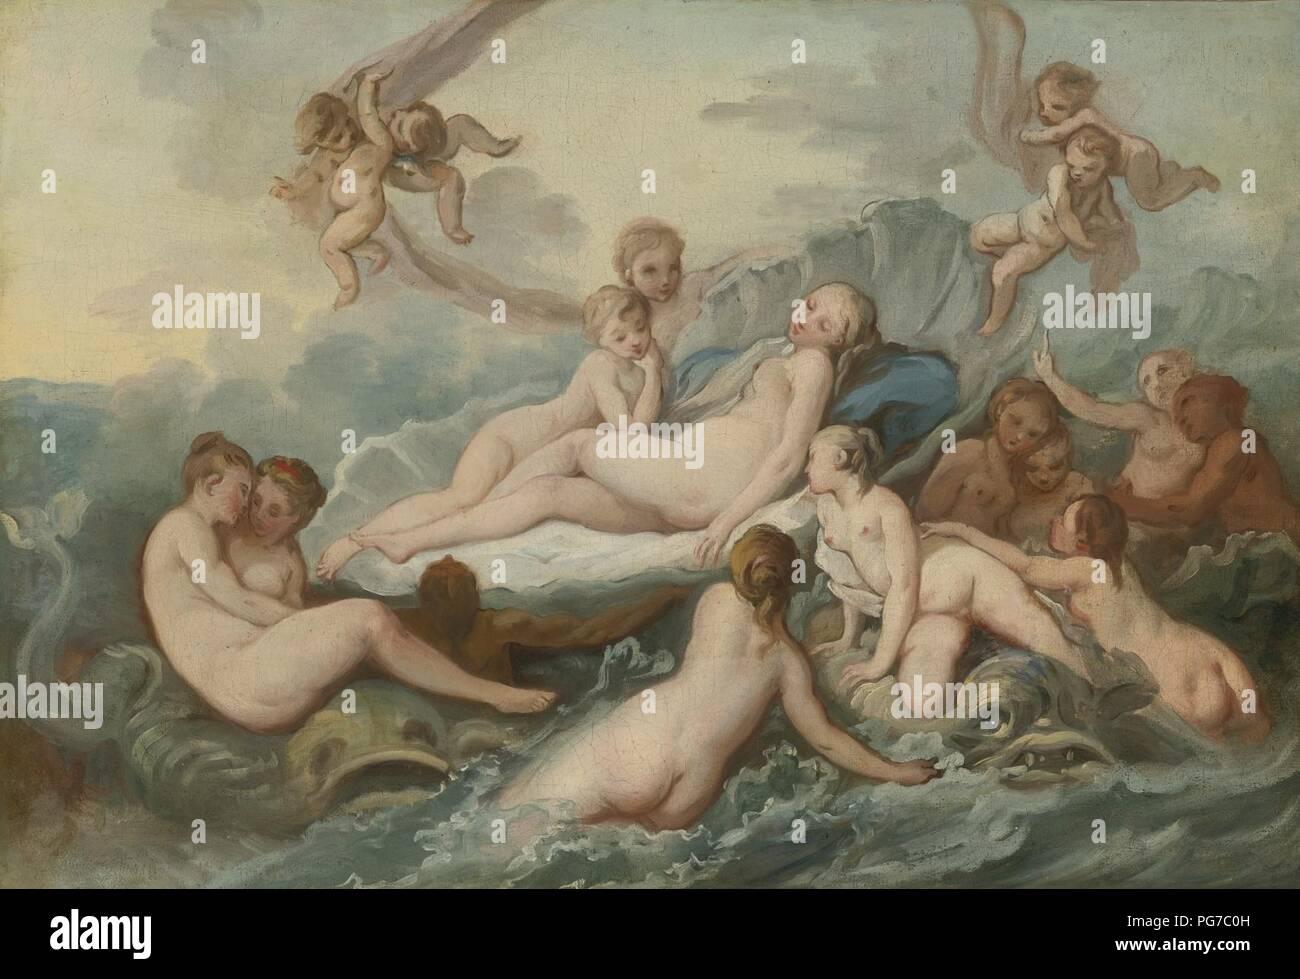 Atribuyó a Pierre-Charles Trémolières El Nacimiento de Venus. Foto de stock